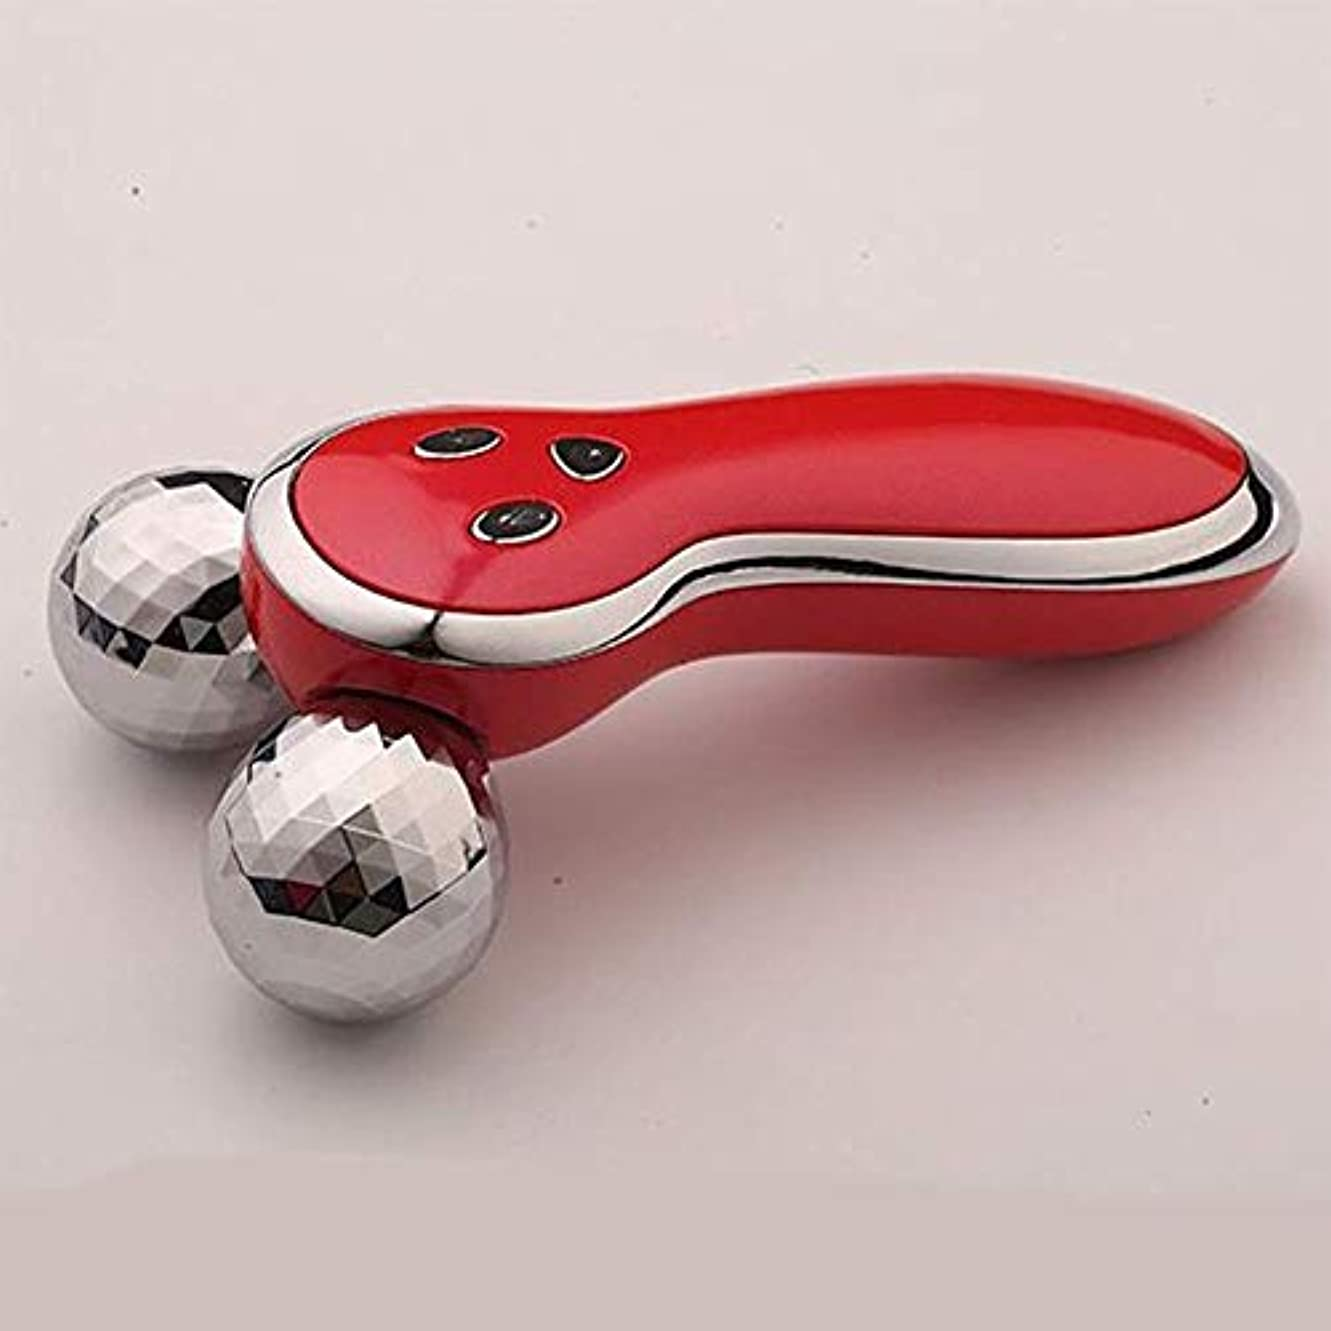 シティと教師の日3Dフェイシャルマッサージャーツーヘッドローラーフェイシャルビューティー微小電流振動Vフェイスドループフェイシャルラインスリミング全身アイニーディングマッサージUSB充電,赤